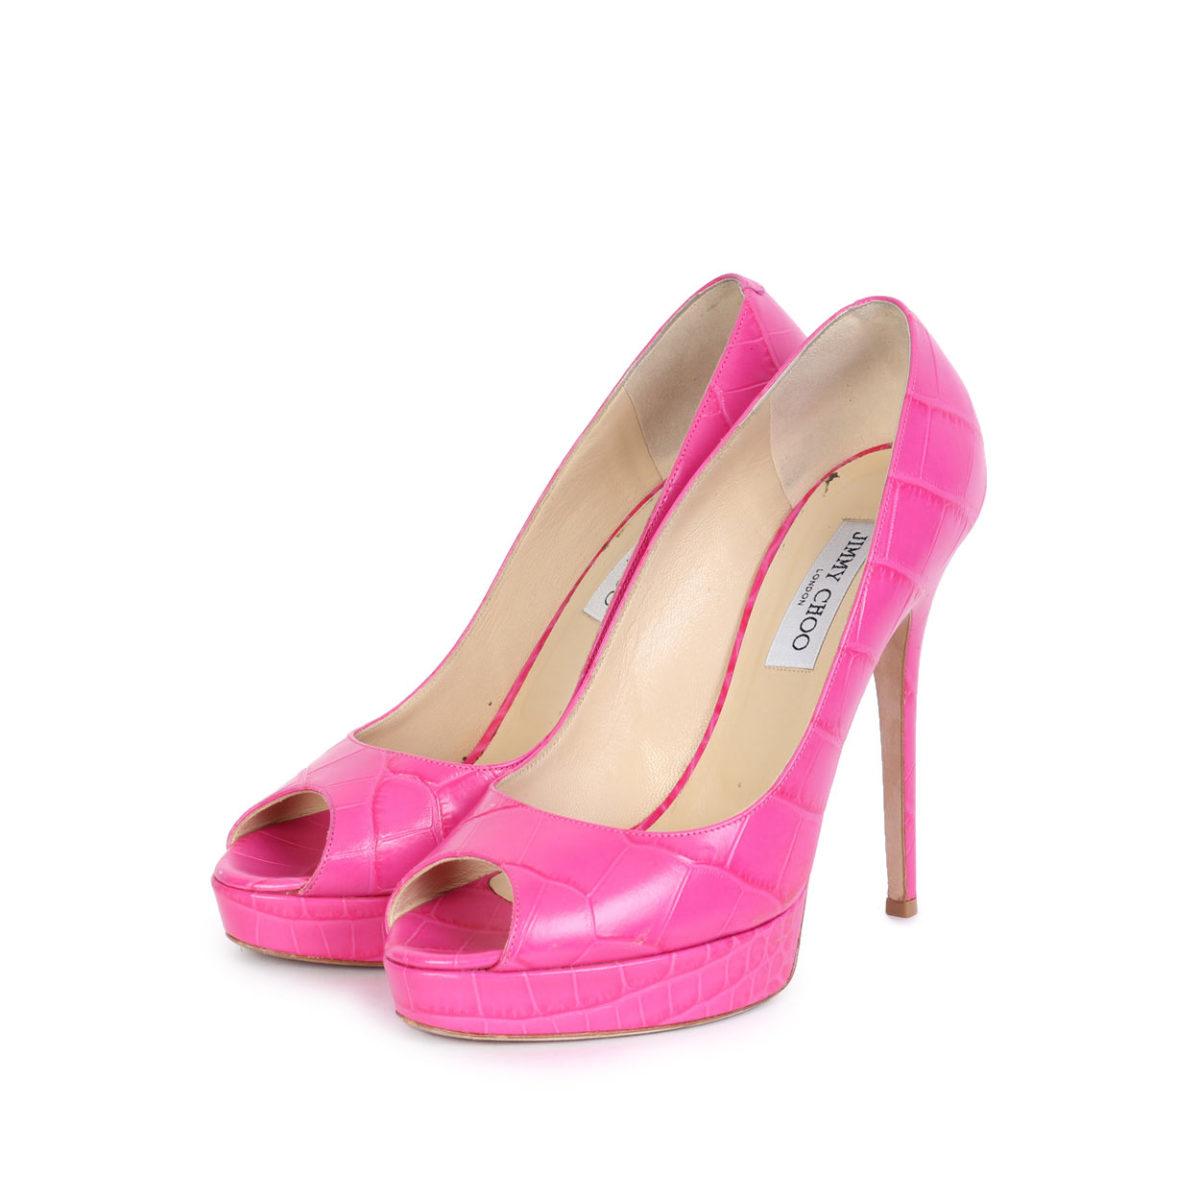 JIMMY CHOO Croc Crown Platform Peep Toe Pumps Pink – S: 40 (6.5)